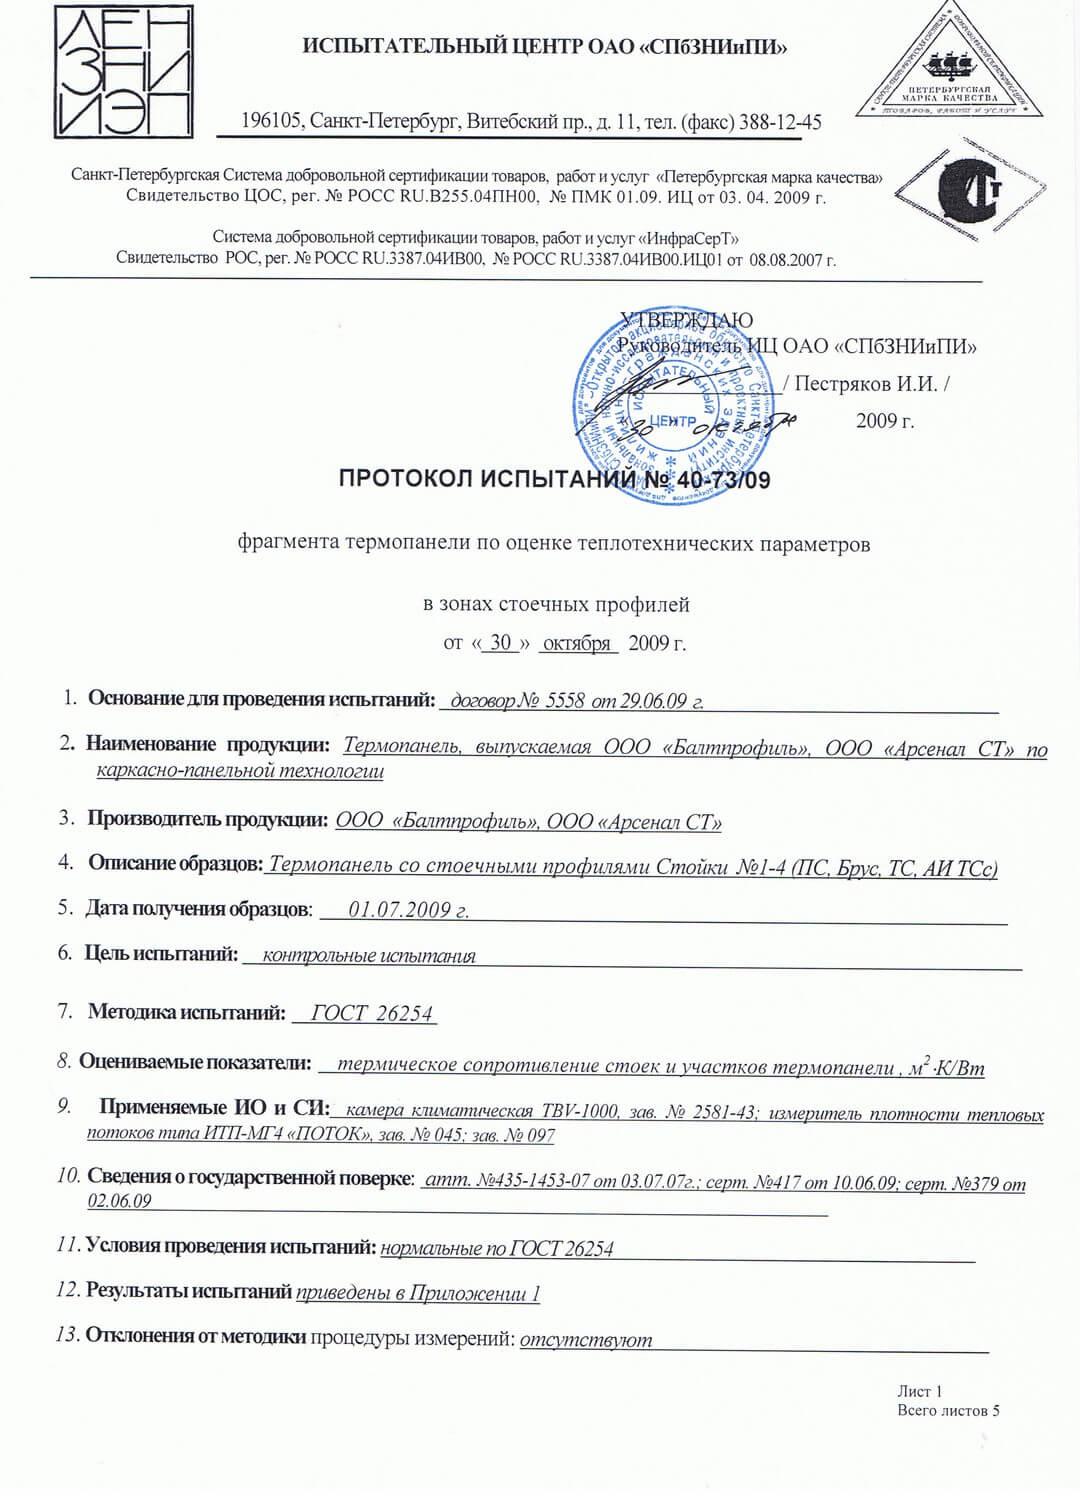 Протокол испытаний ангарского гкл